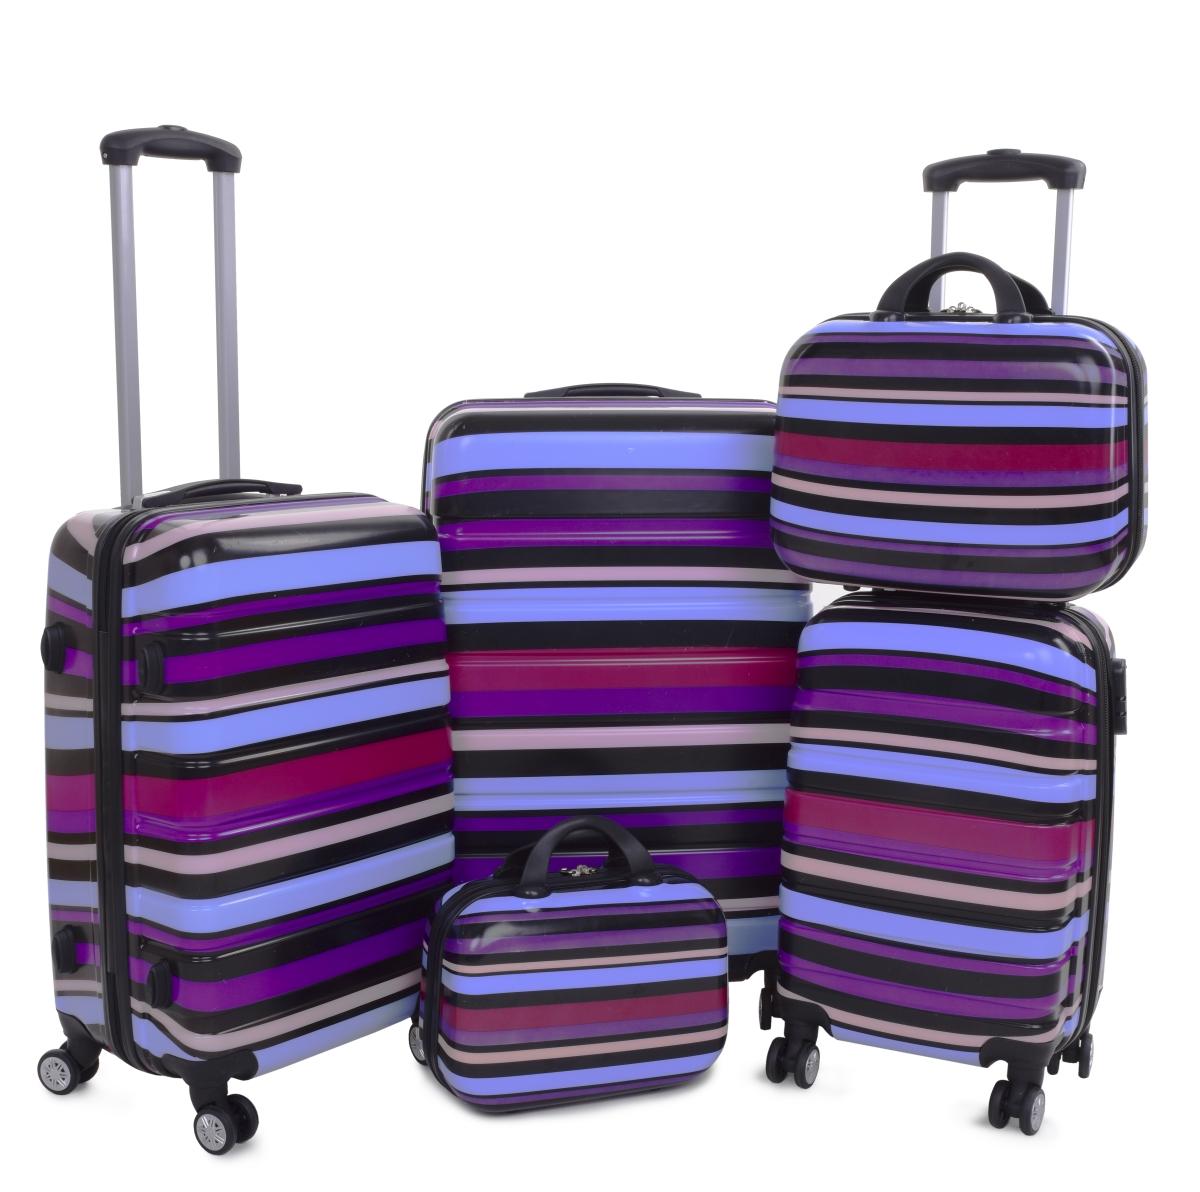 Kufr příruční, STRIPES